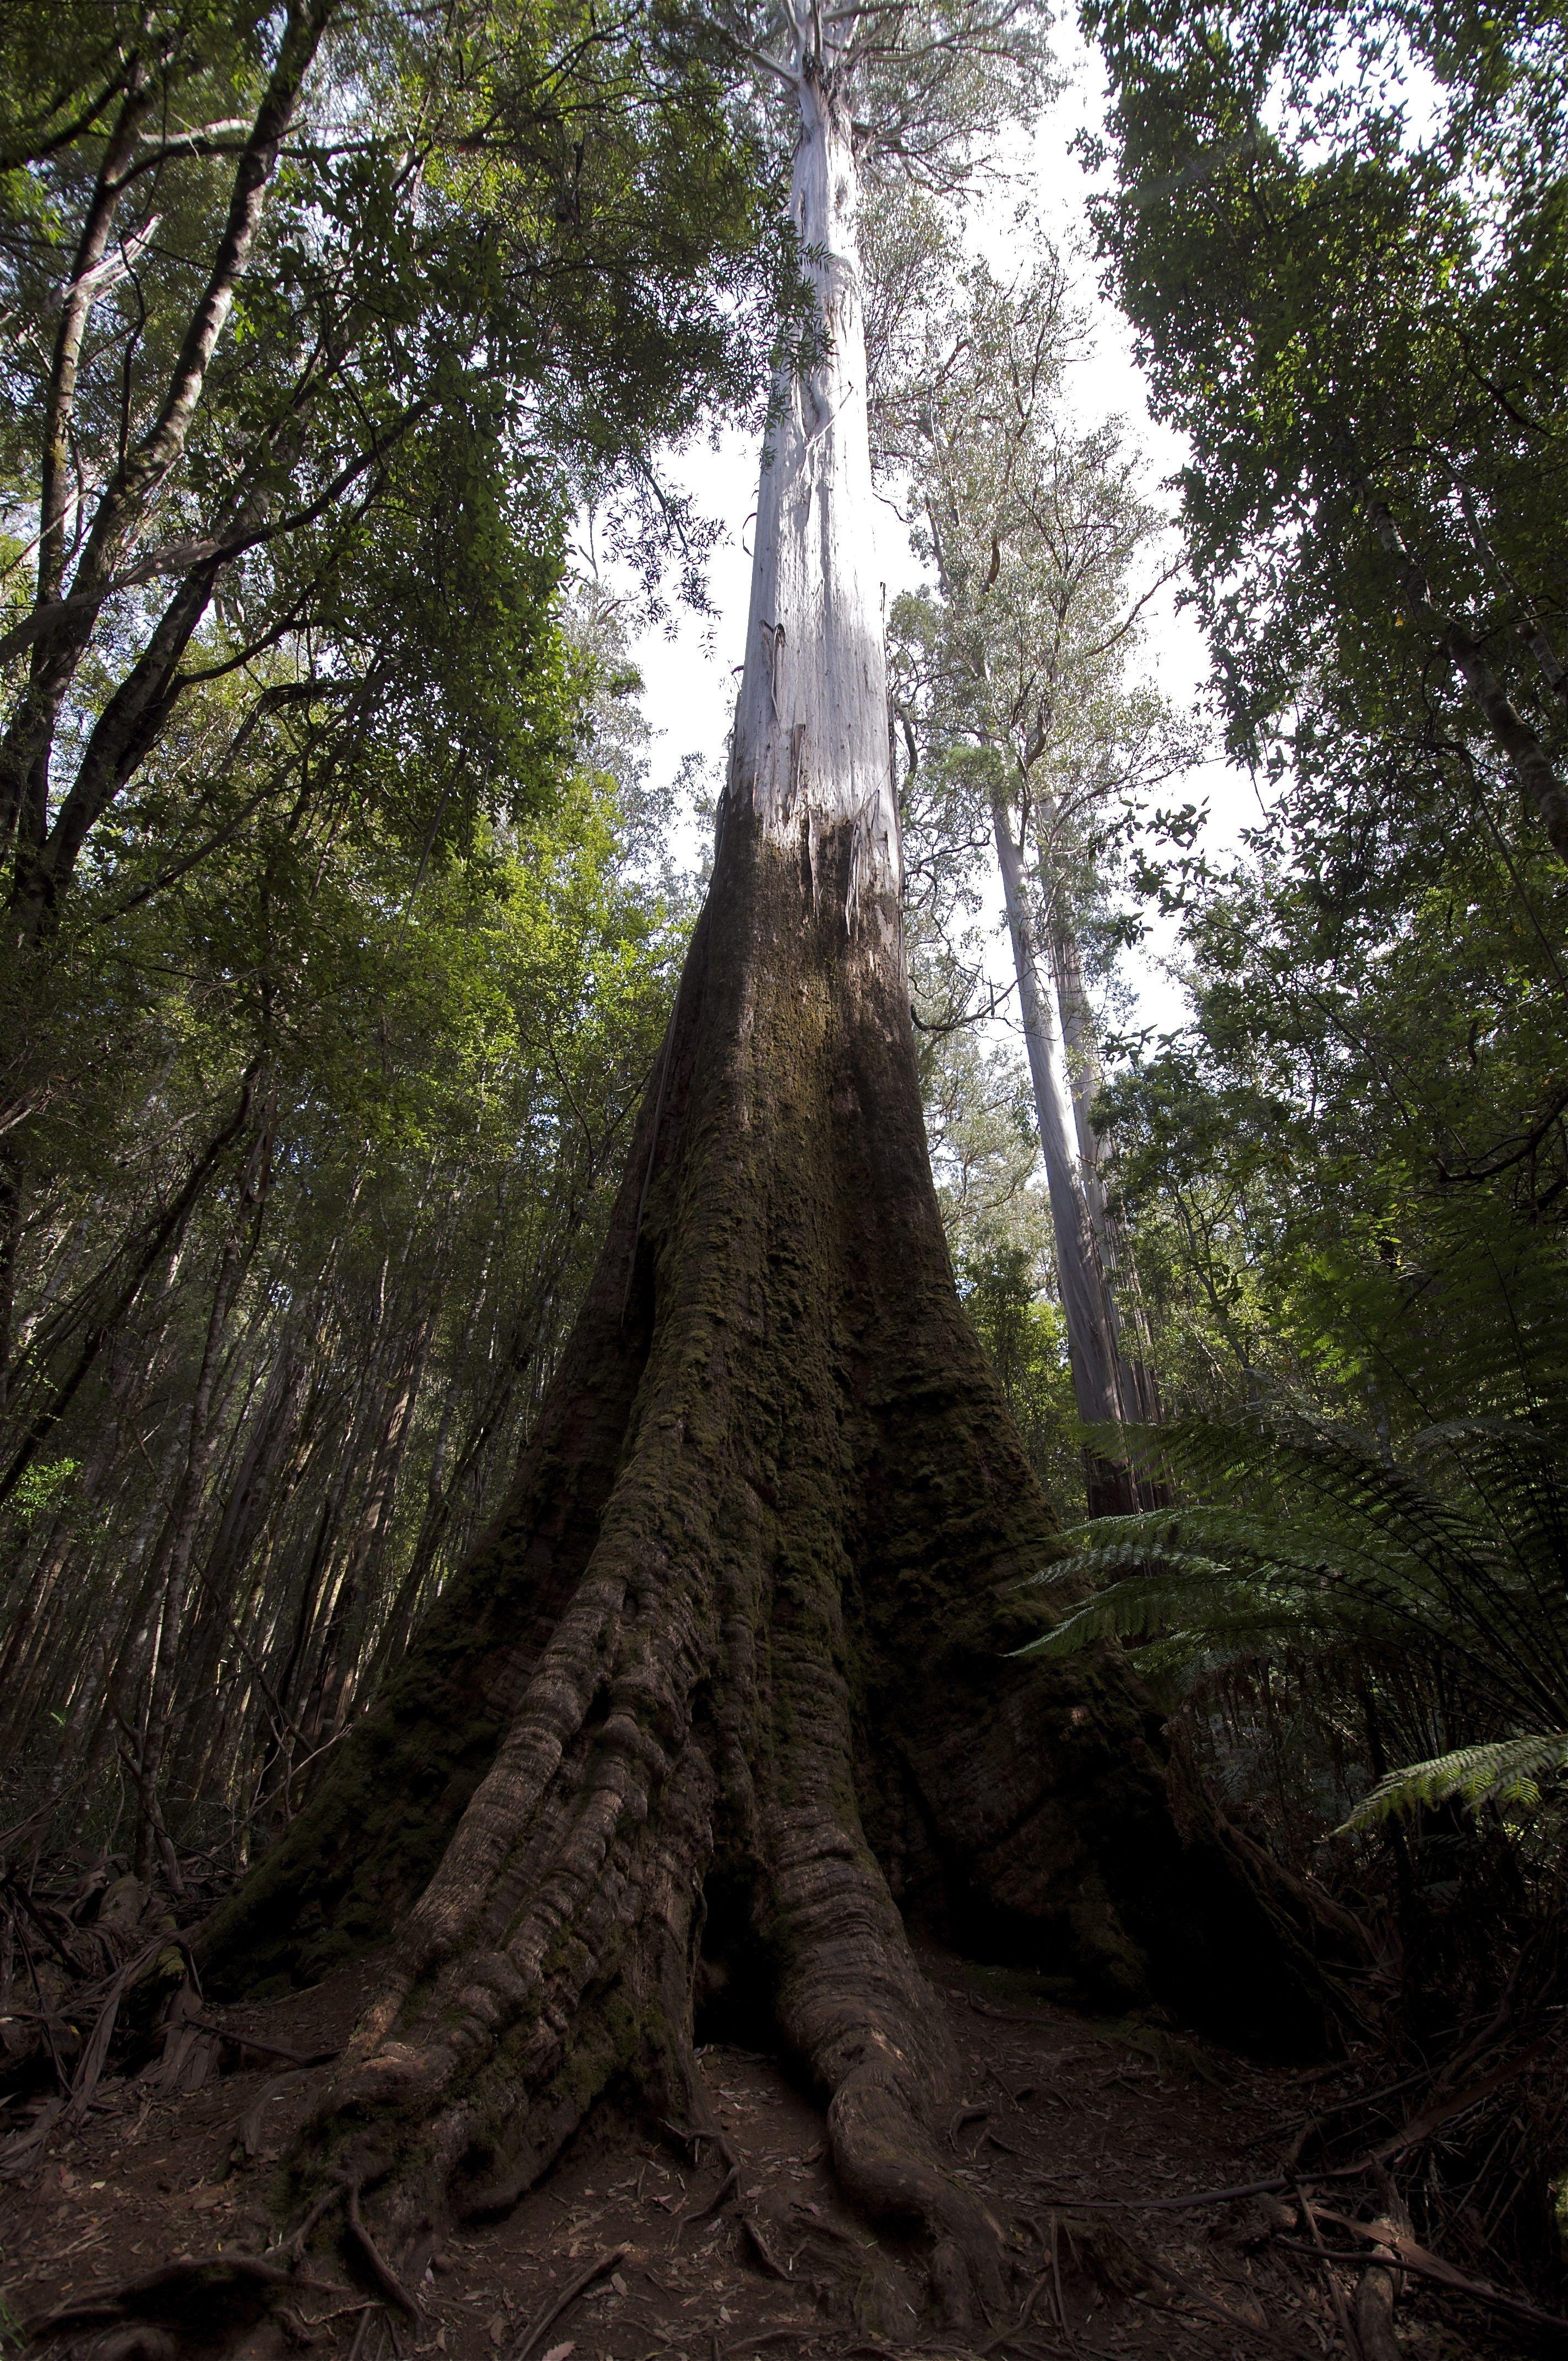 Swamp Gum Tree Eucalyptus Australia Eucalyptus Tree Tree